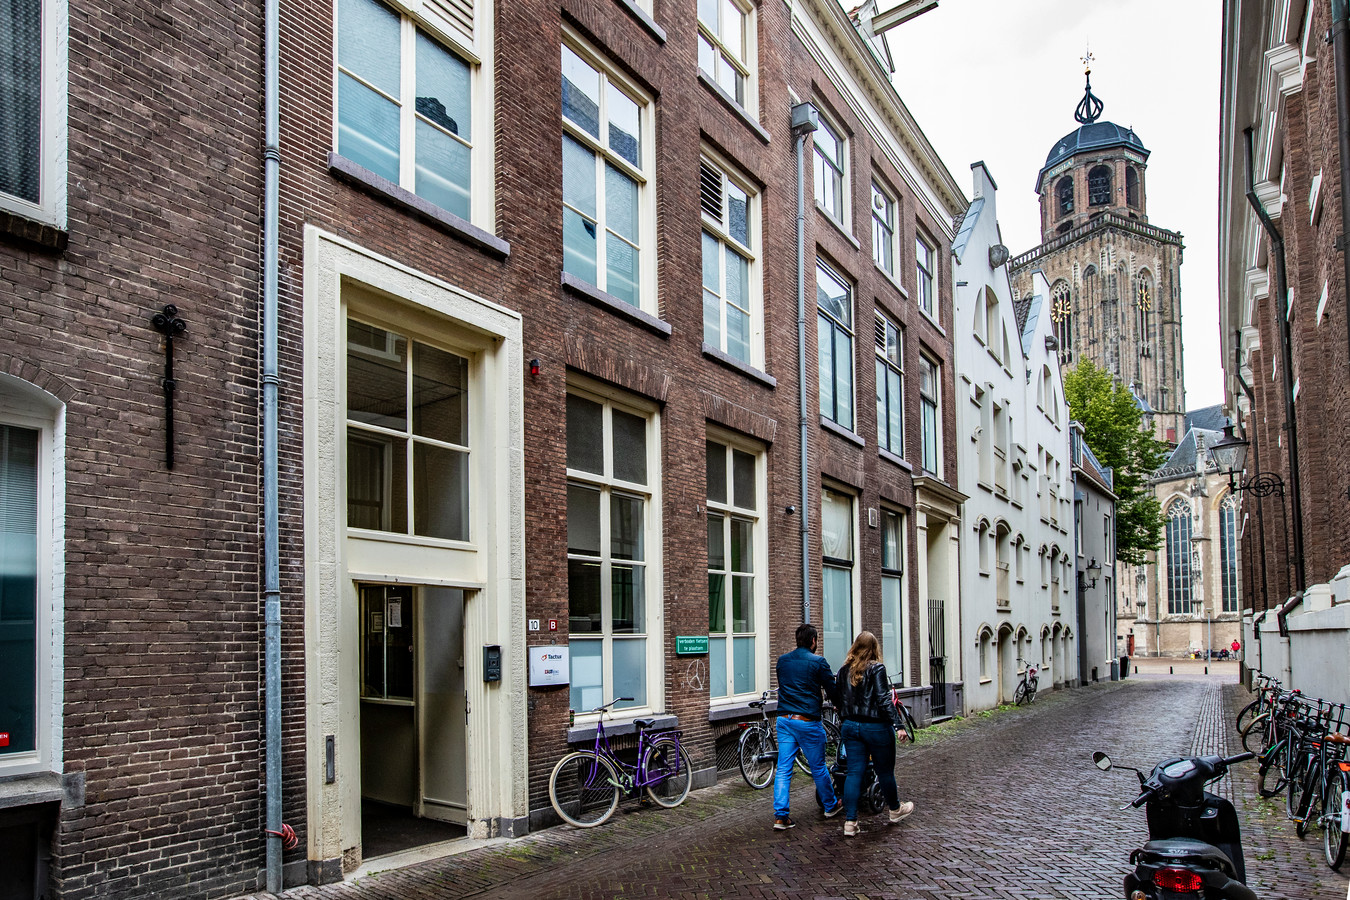 In de crisisopvang in de Polstraat in Deventer zou een 80-jarige man zijn hand onder het jurkje van een 9-jarig meisje hebben laten glijden.